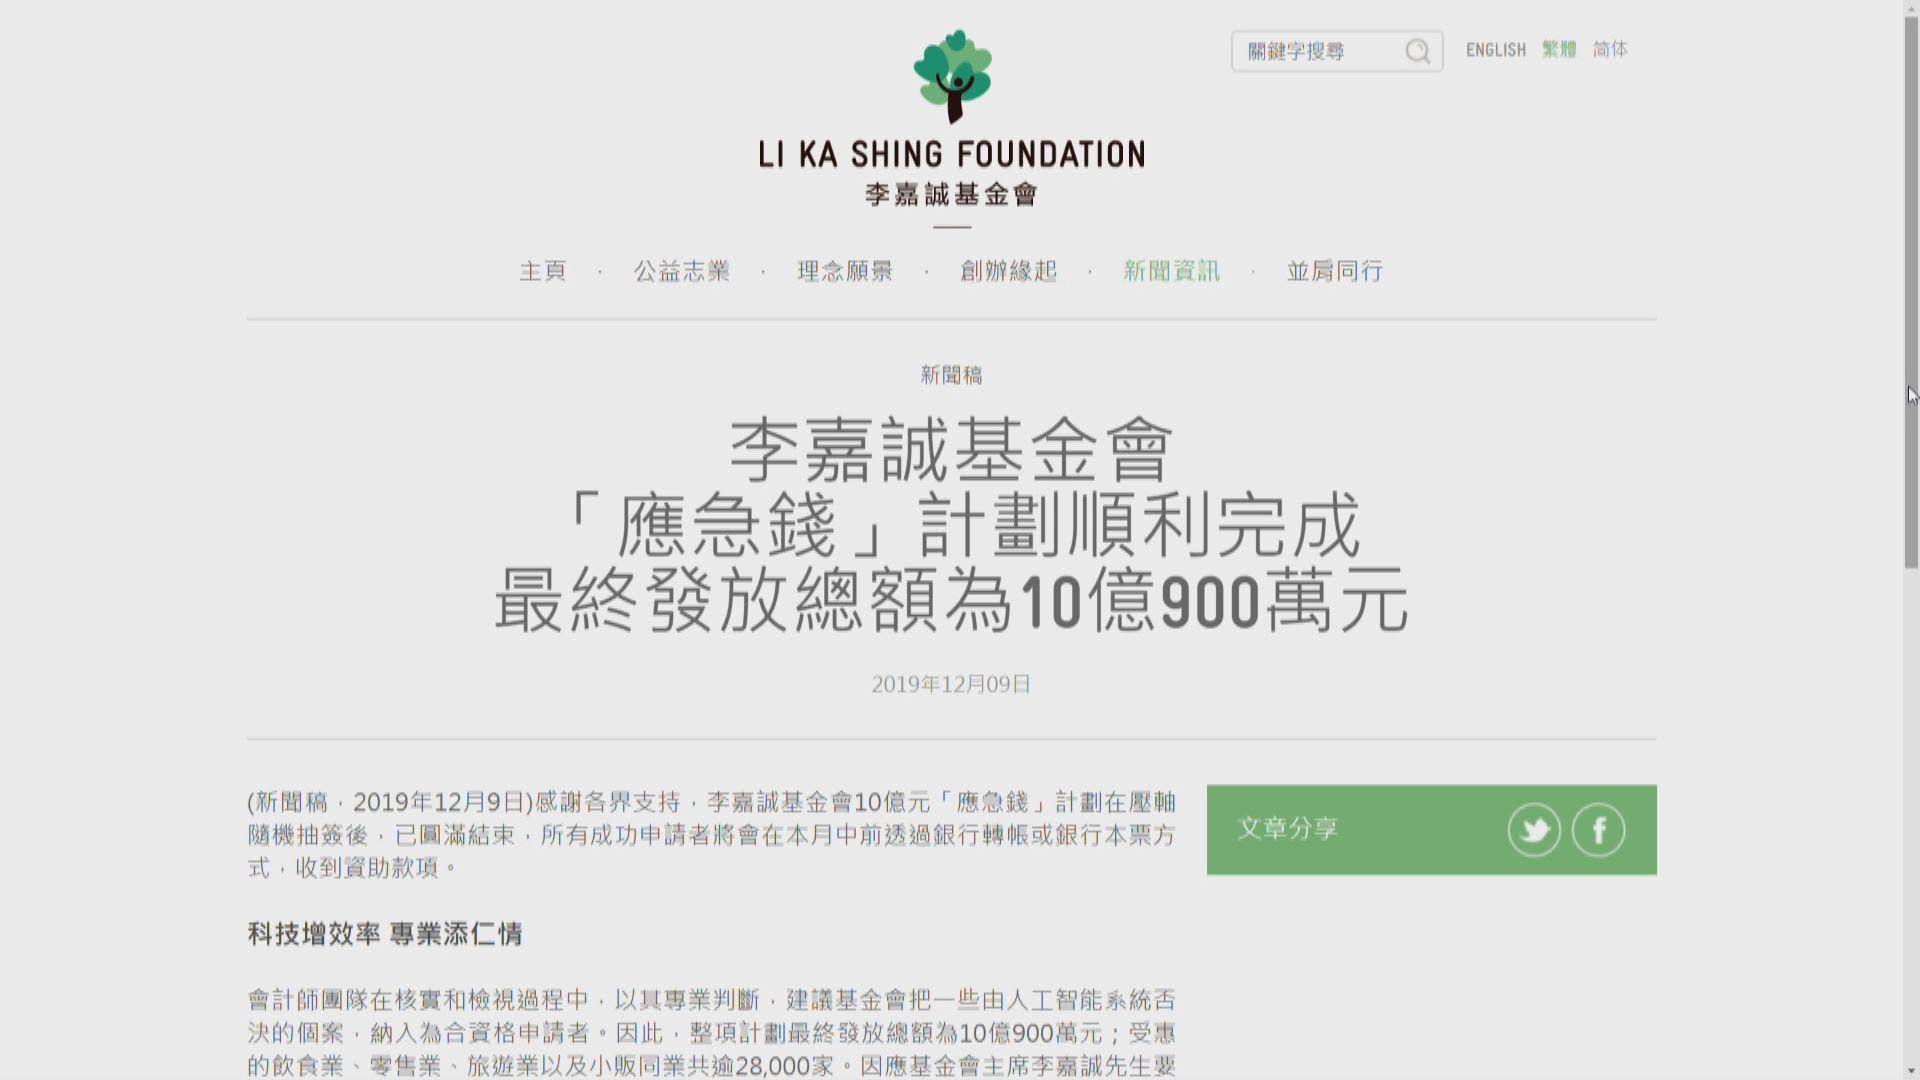 「應急錢」計劃發放總額10.09億元 逾2.8萬商戶受惠